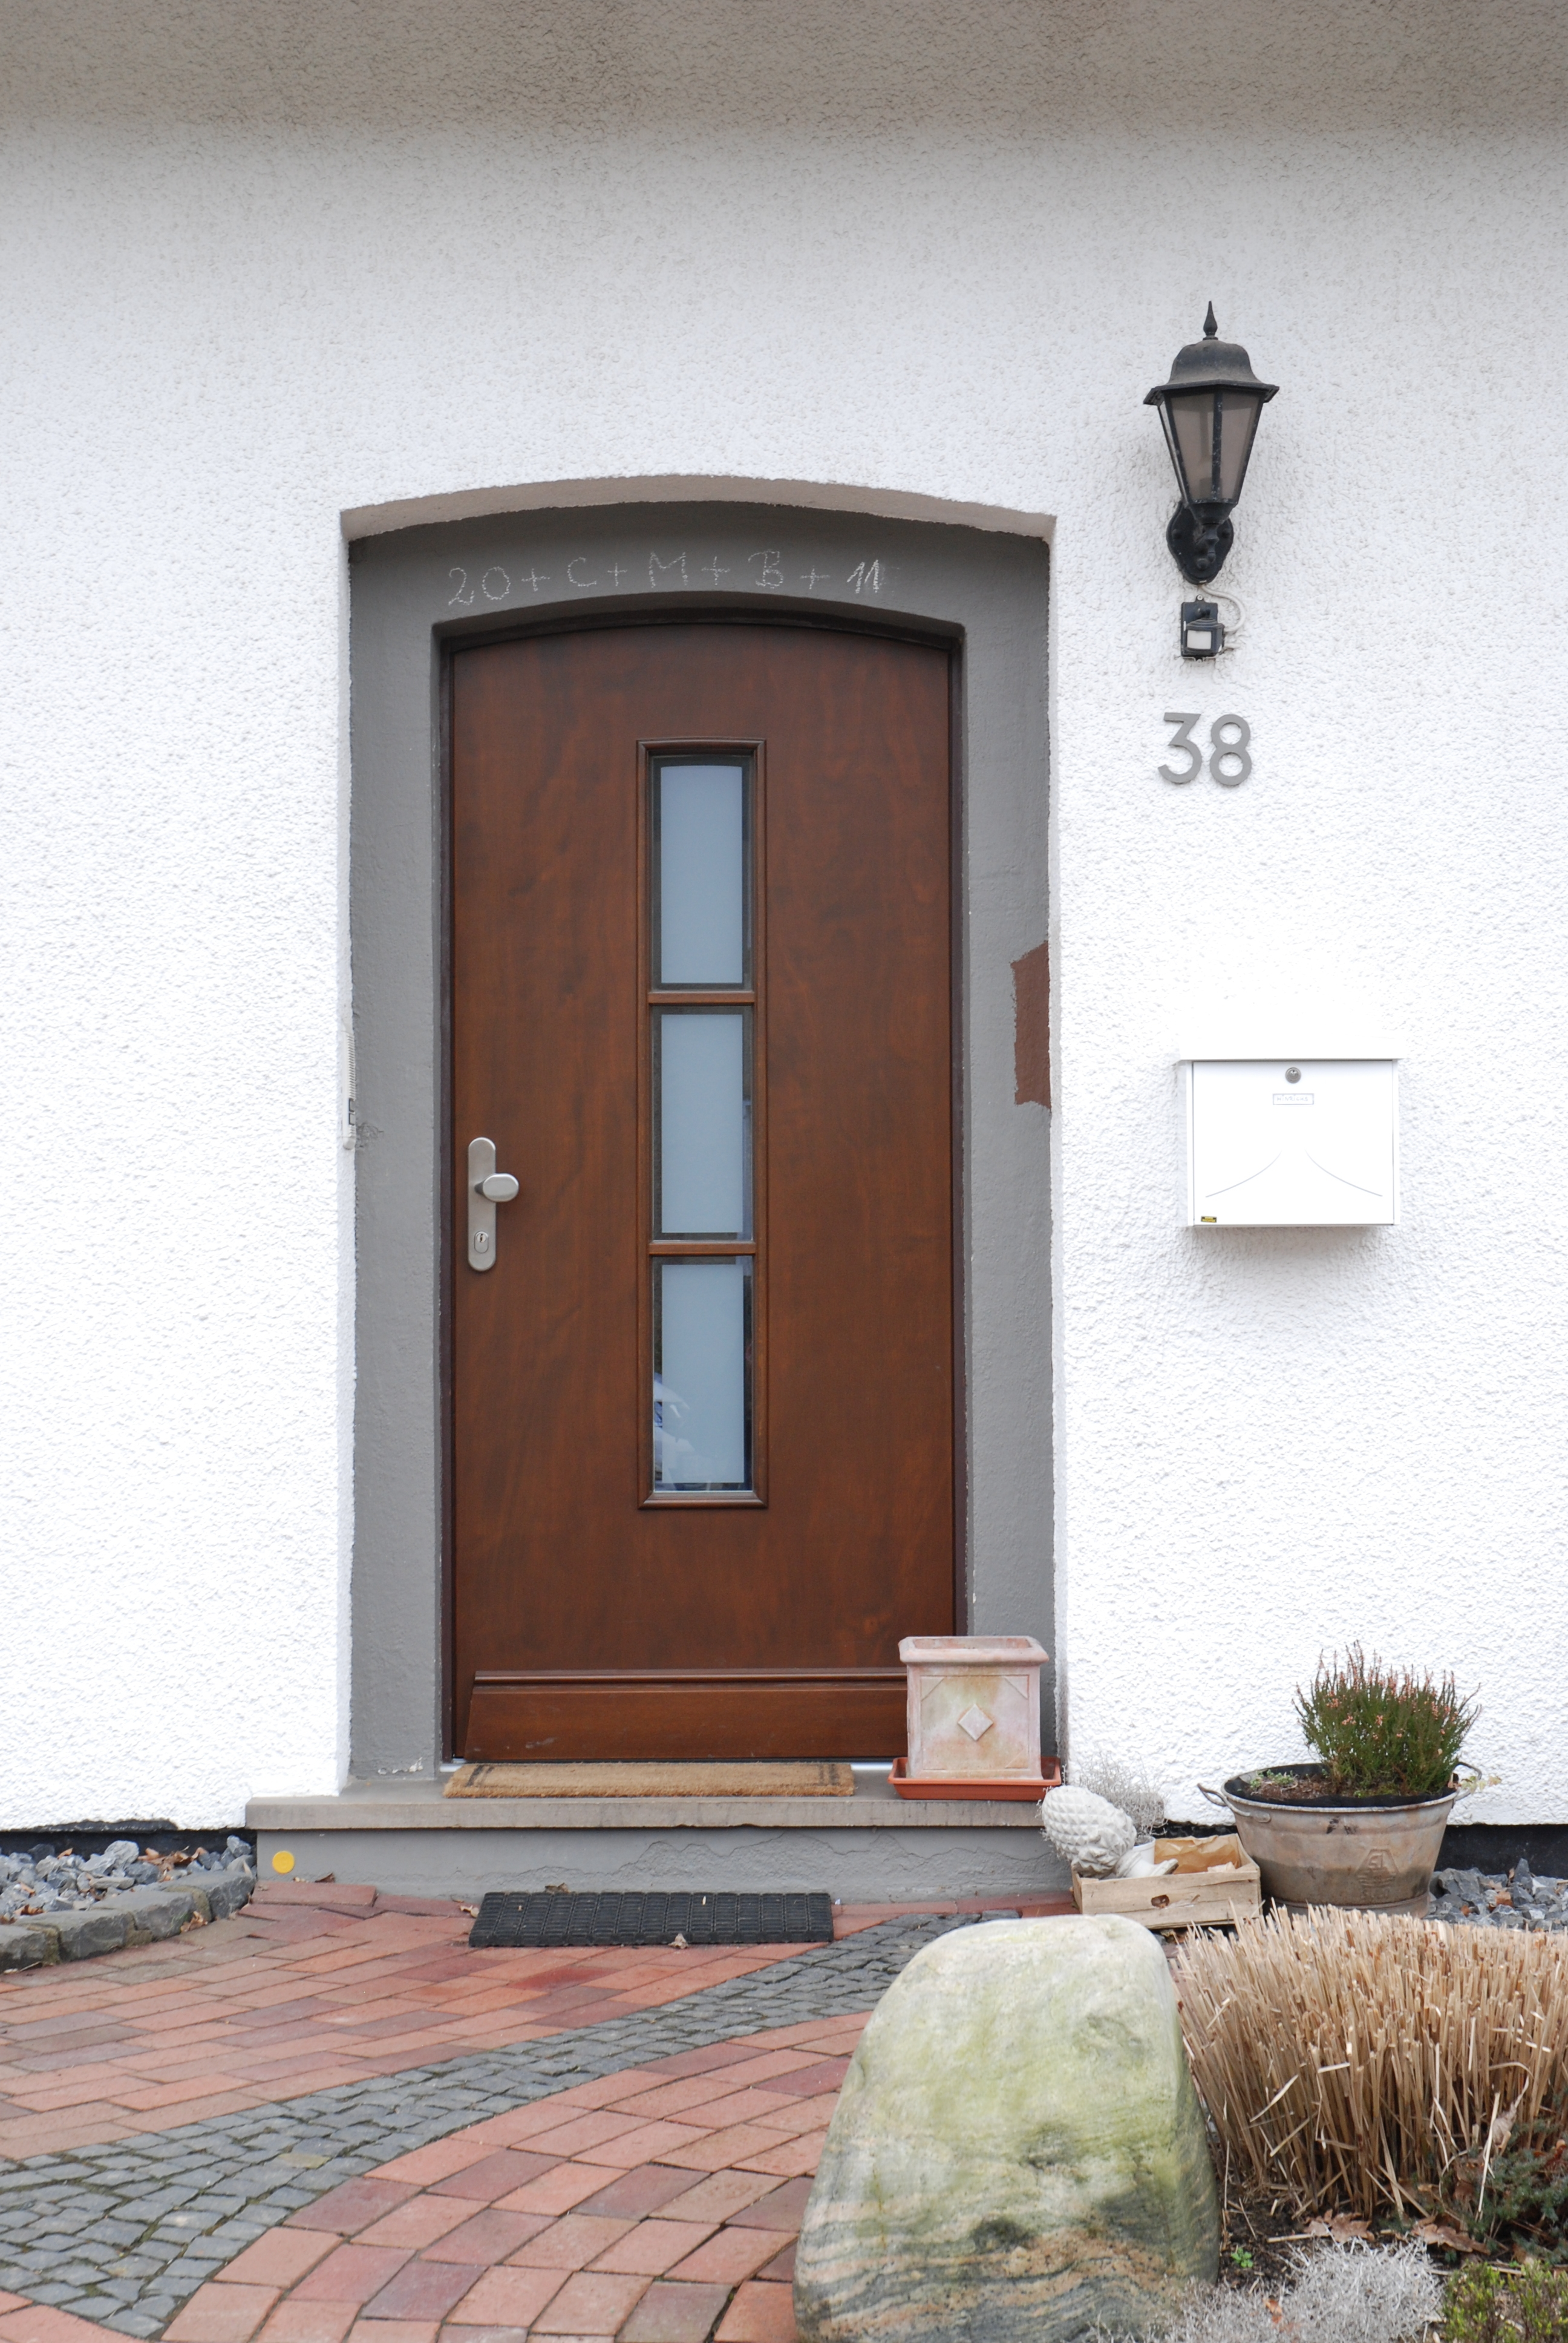 Wunderbar Haustüren Bilder Dekoration Von Türen